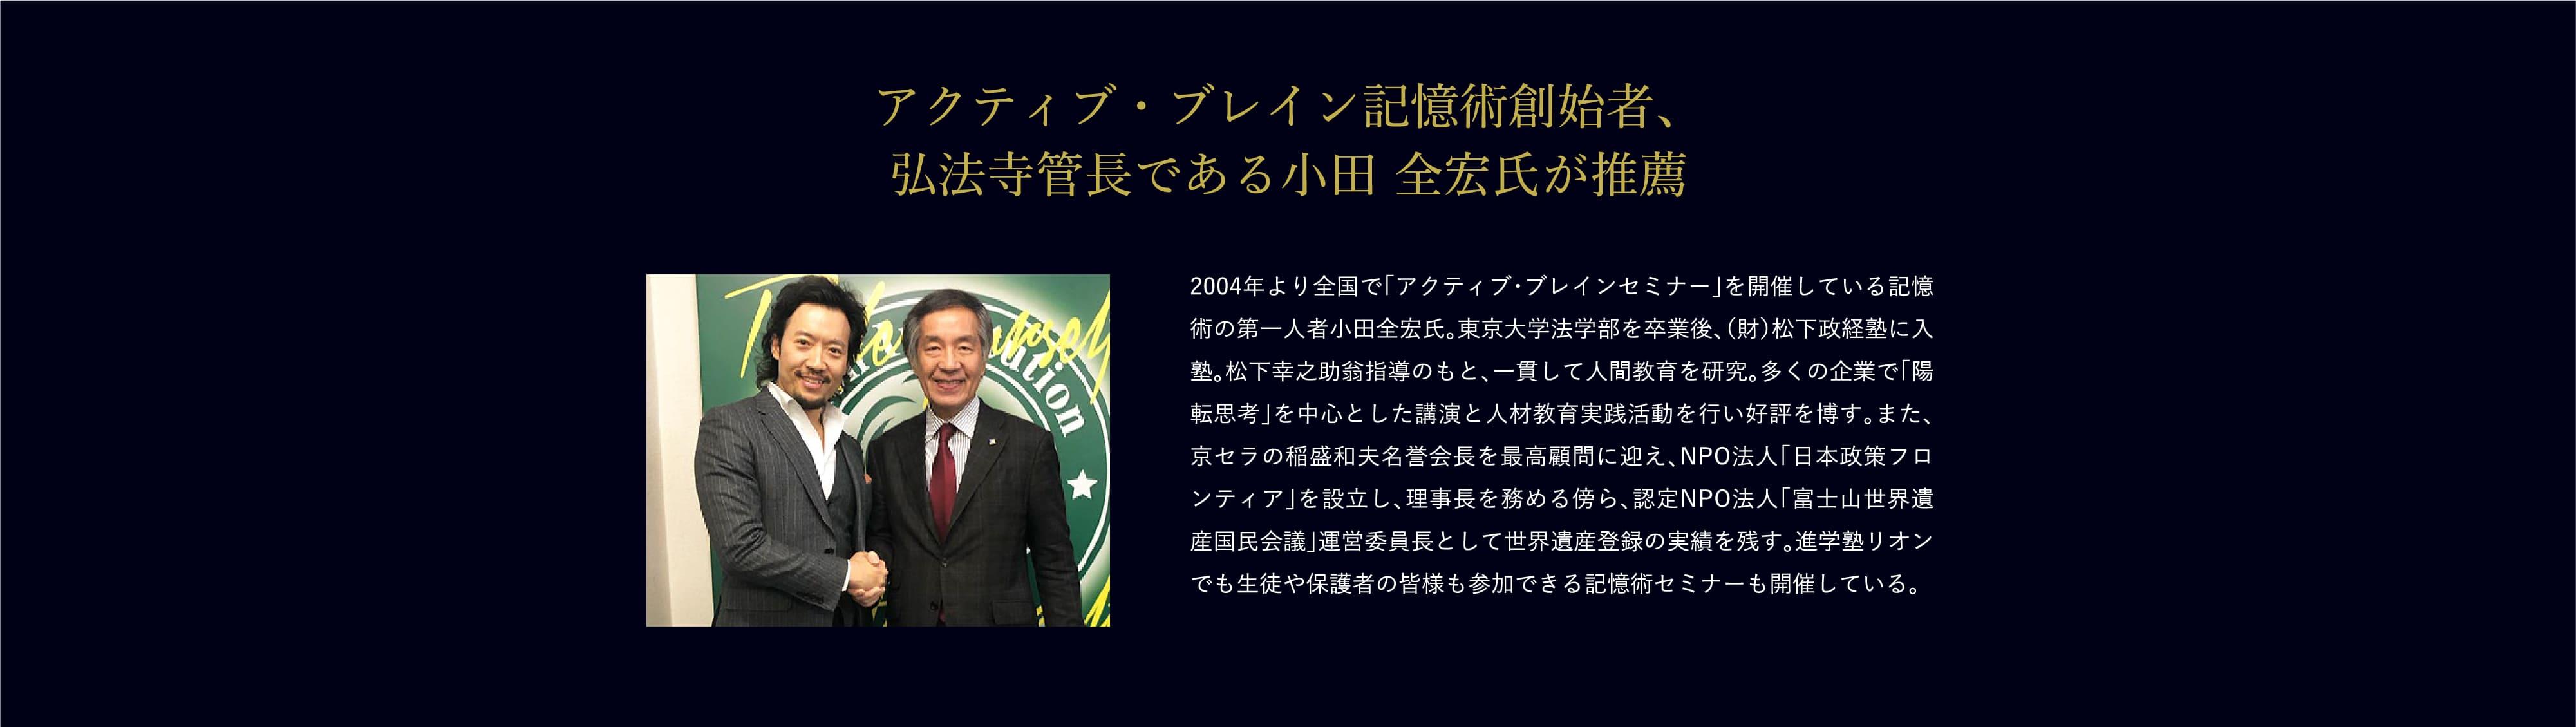 アクティブ・ブレイン記憶術創始者、弘法寺管長である小田 全宏氏が推薦